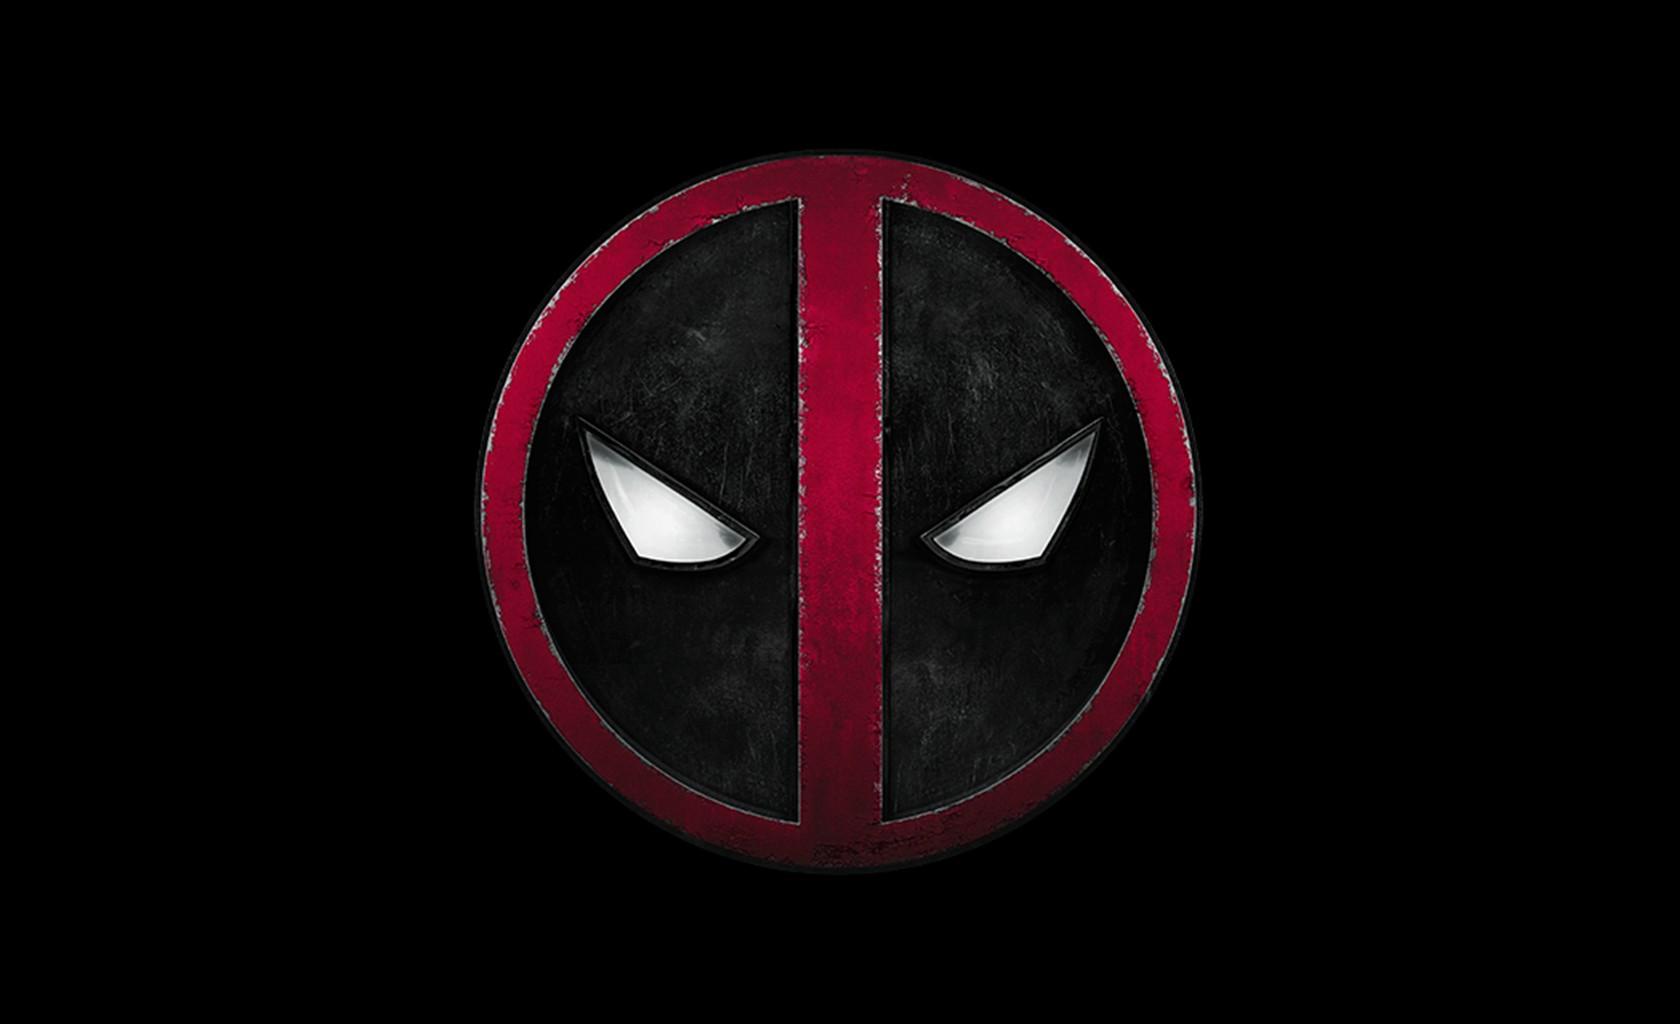 Wallpaper : red, logo, Deadpool, darkness, symbol, emblem